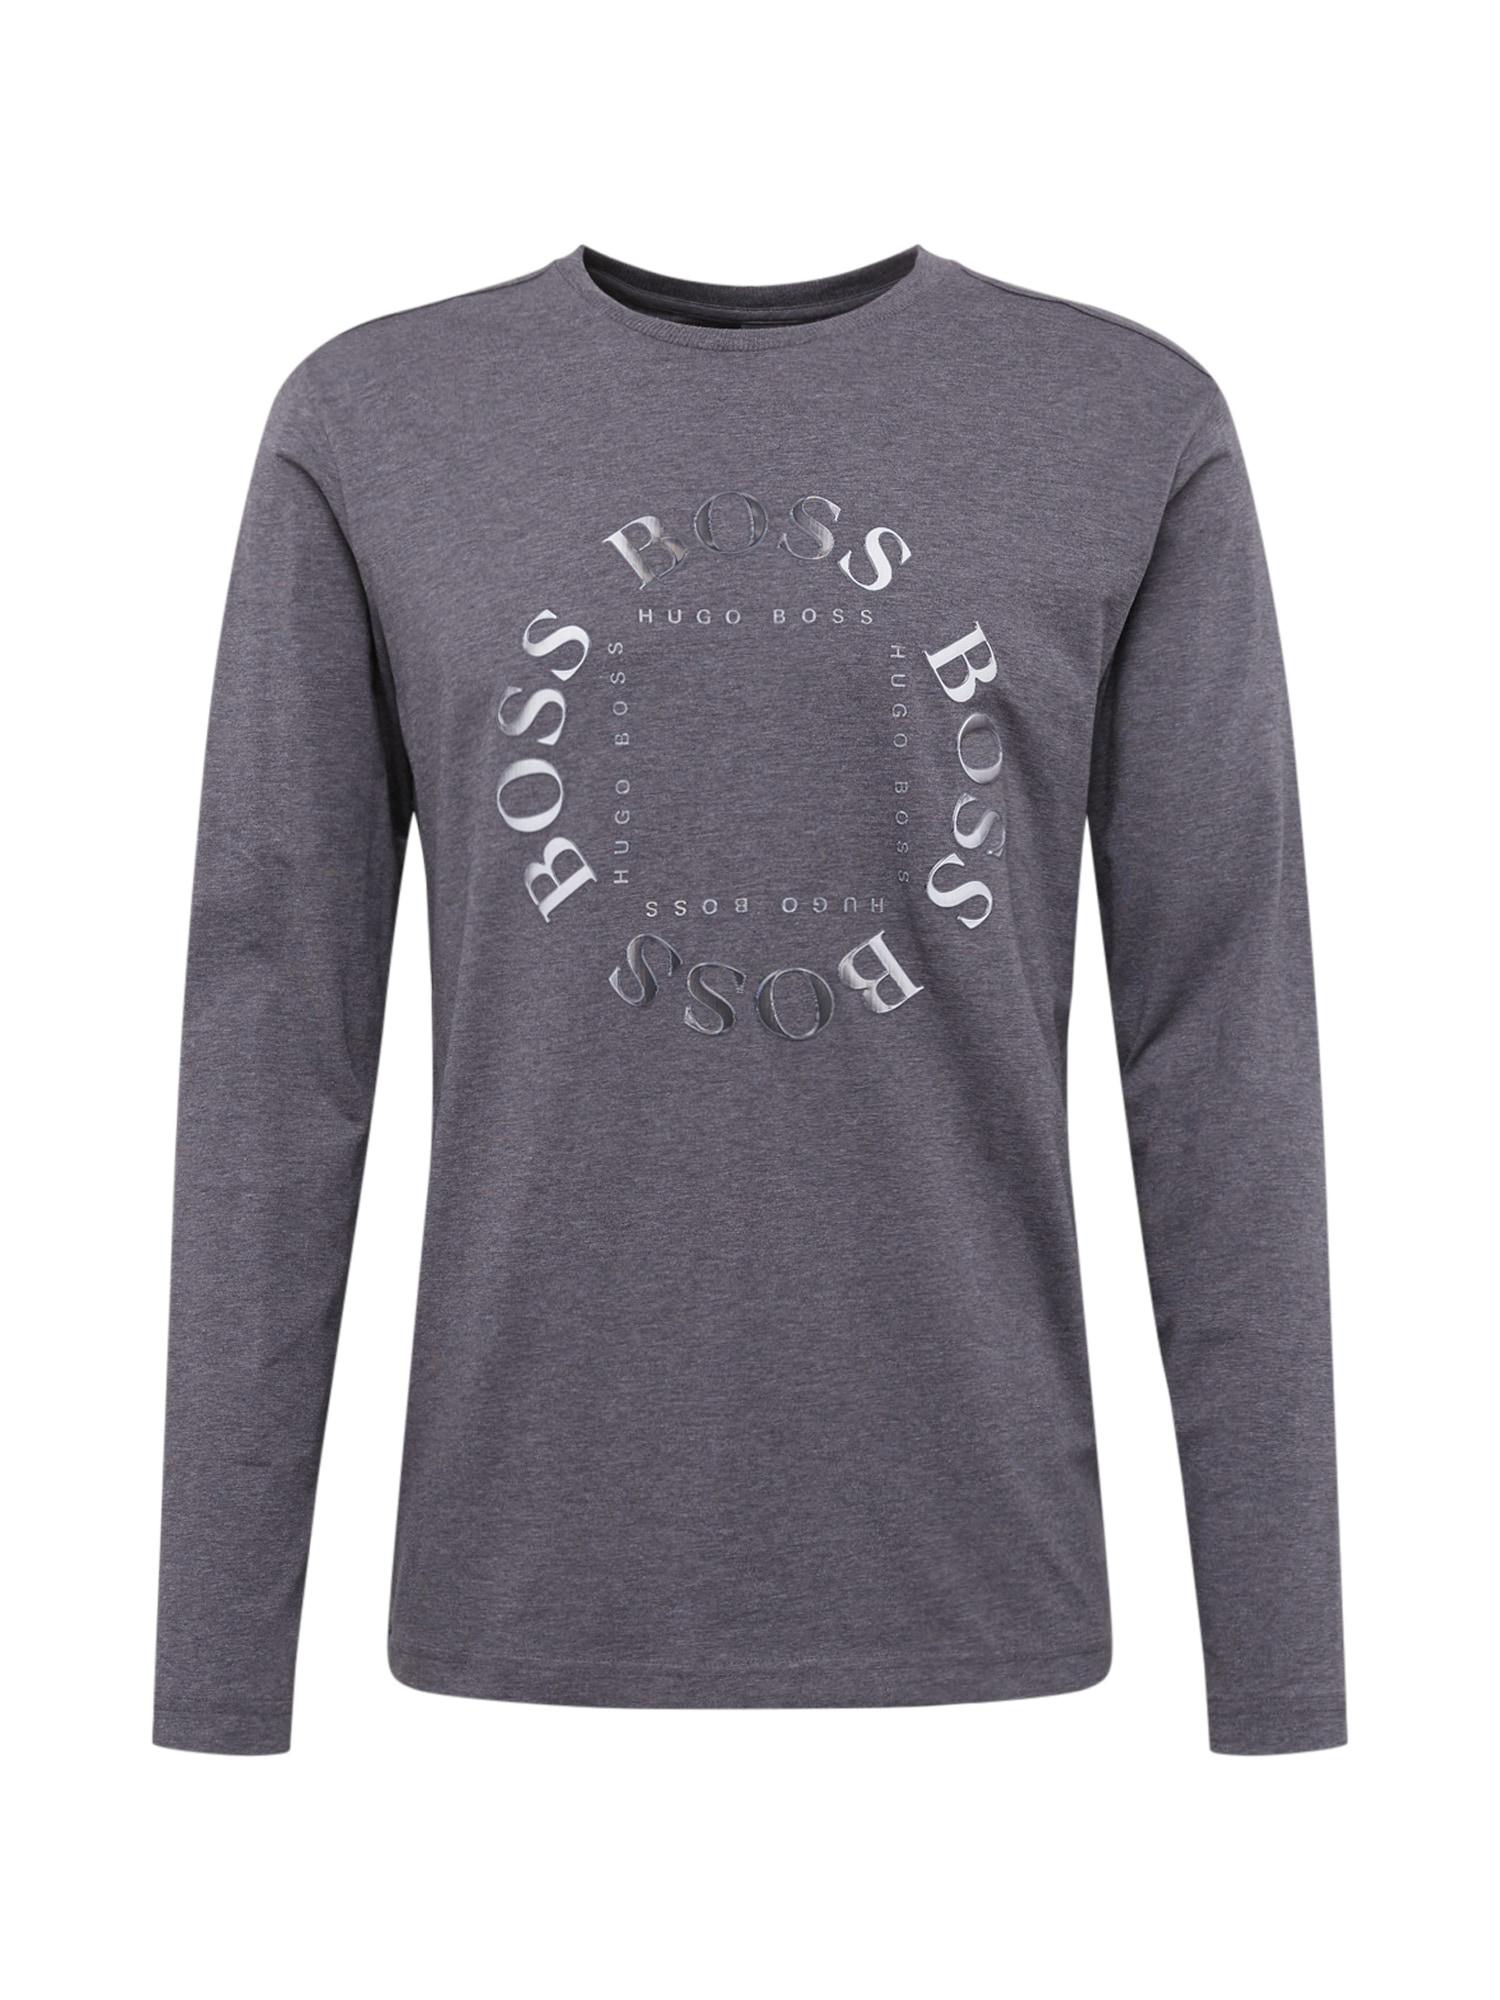 BOSS ATHLEISURE Marškinėliai 'Togn 1' pilka